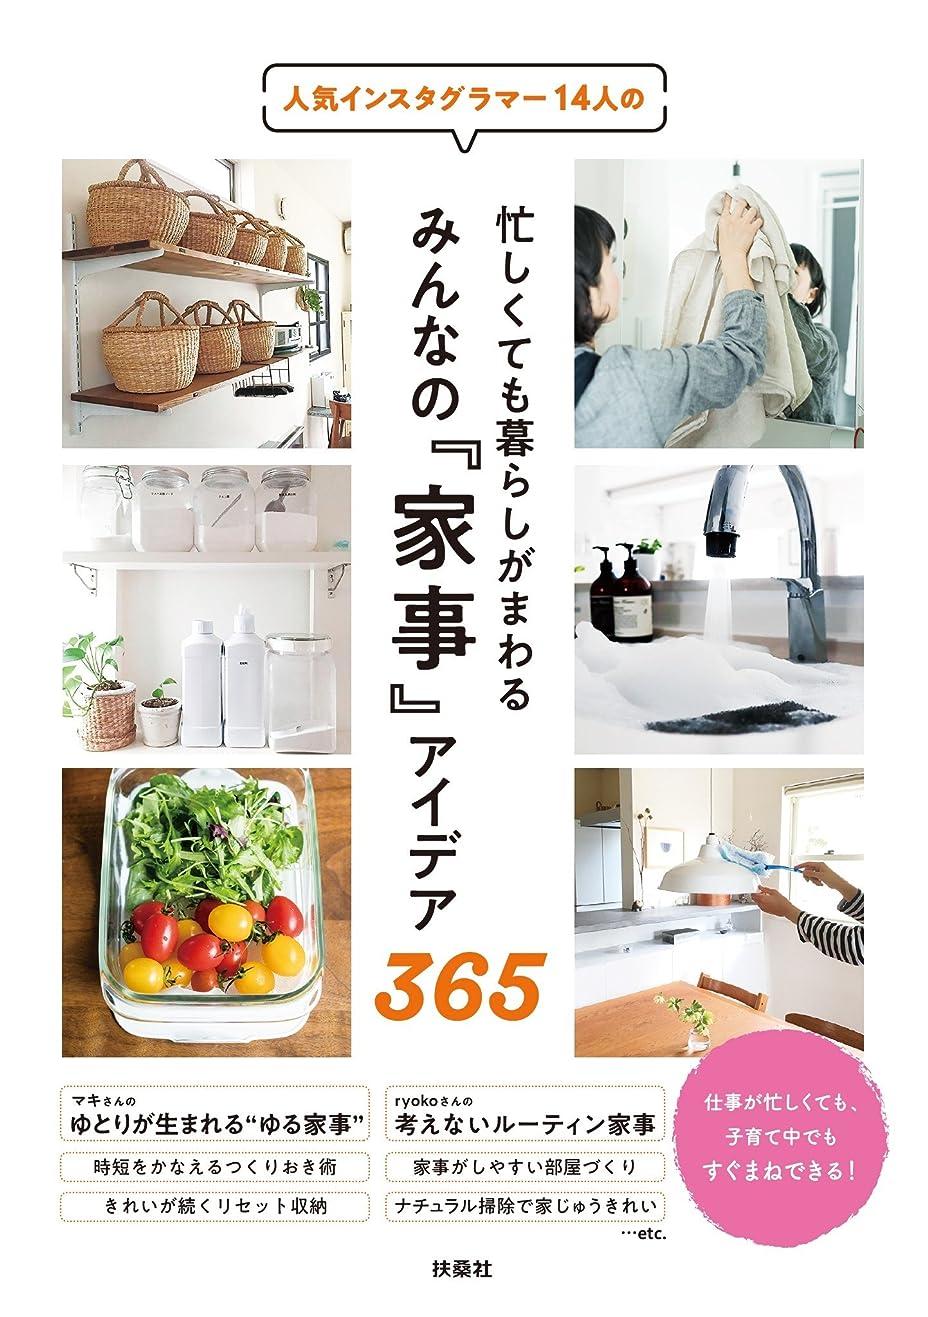 熱心な拒絶悪化させる人気インスタグラマー14人の忙しくても暮らしがまわる みんなの『家事』アイデア365 (扶桑社BOOKS)